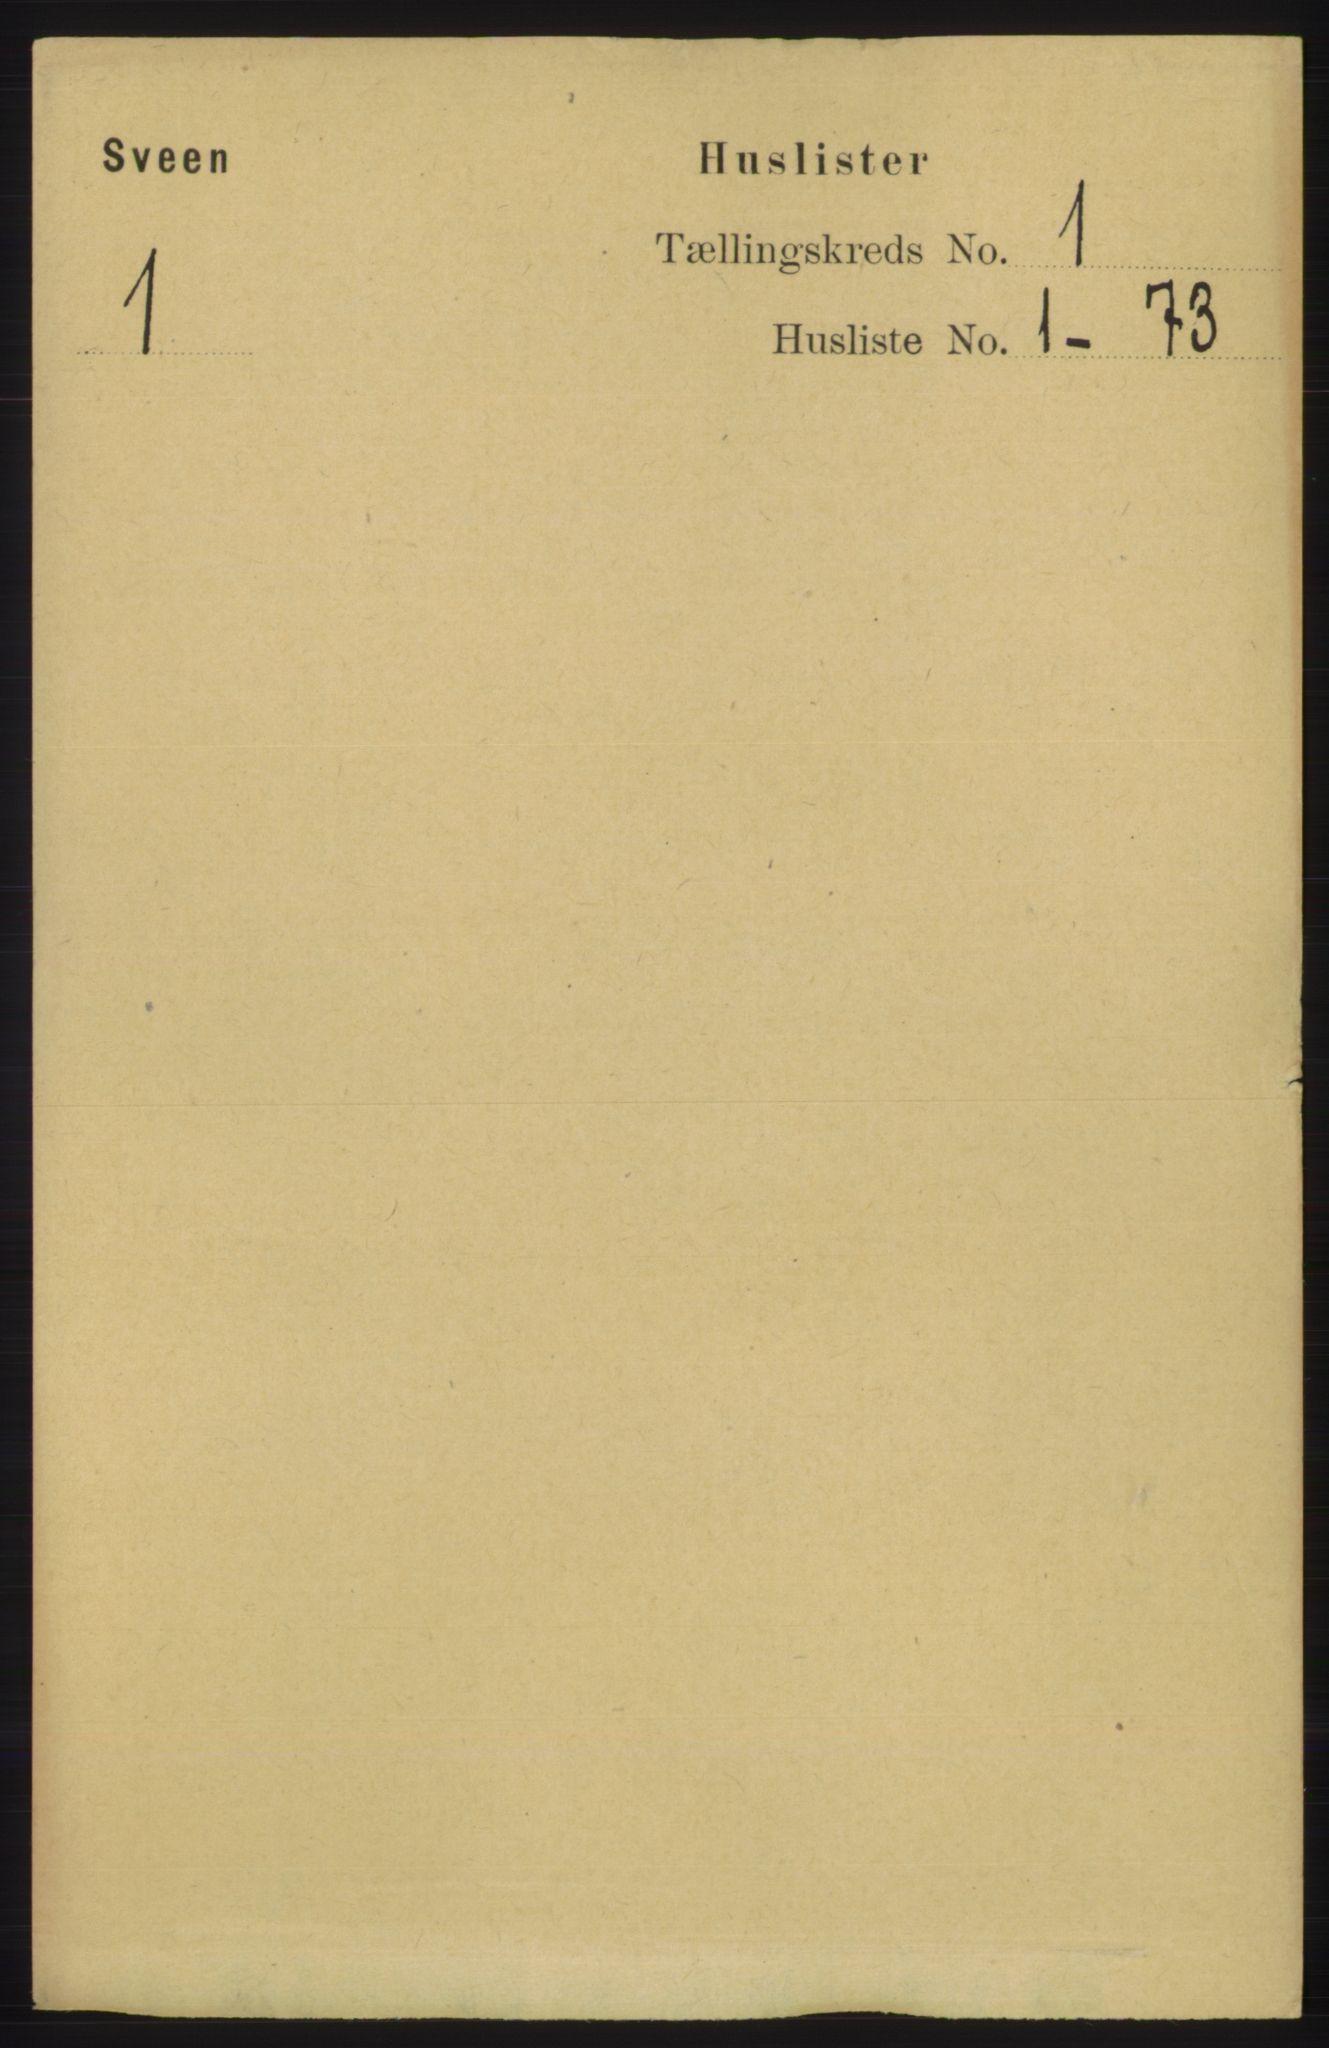 RA, Folketelling 1891 for 1216 Sveio herred, 1891, s. 31